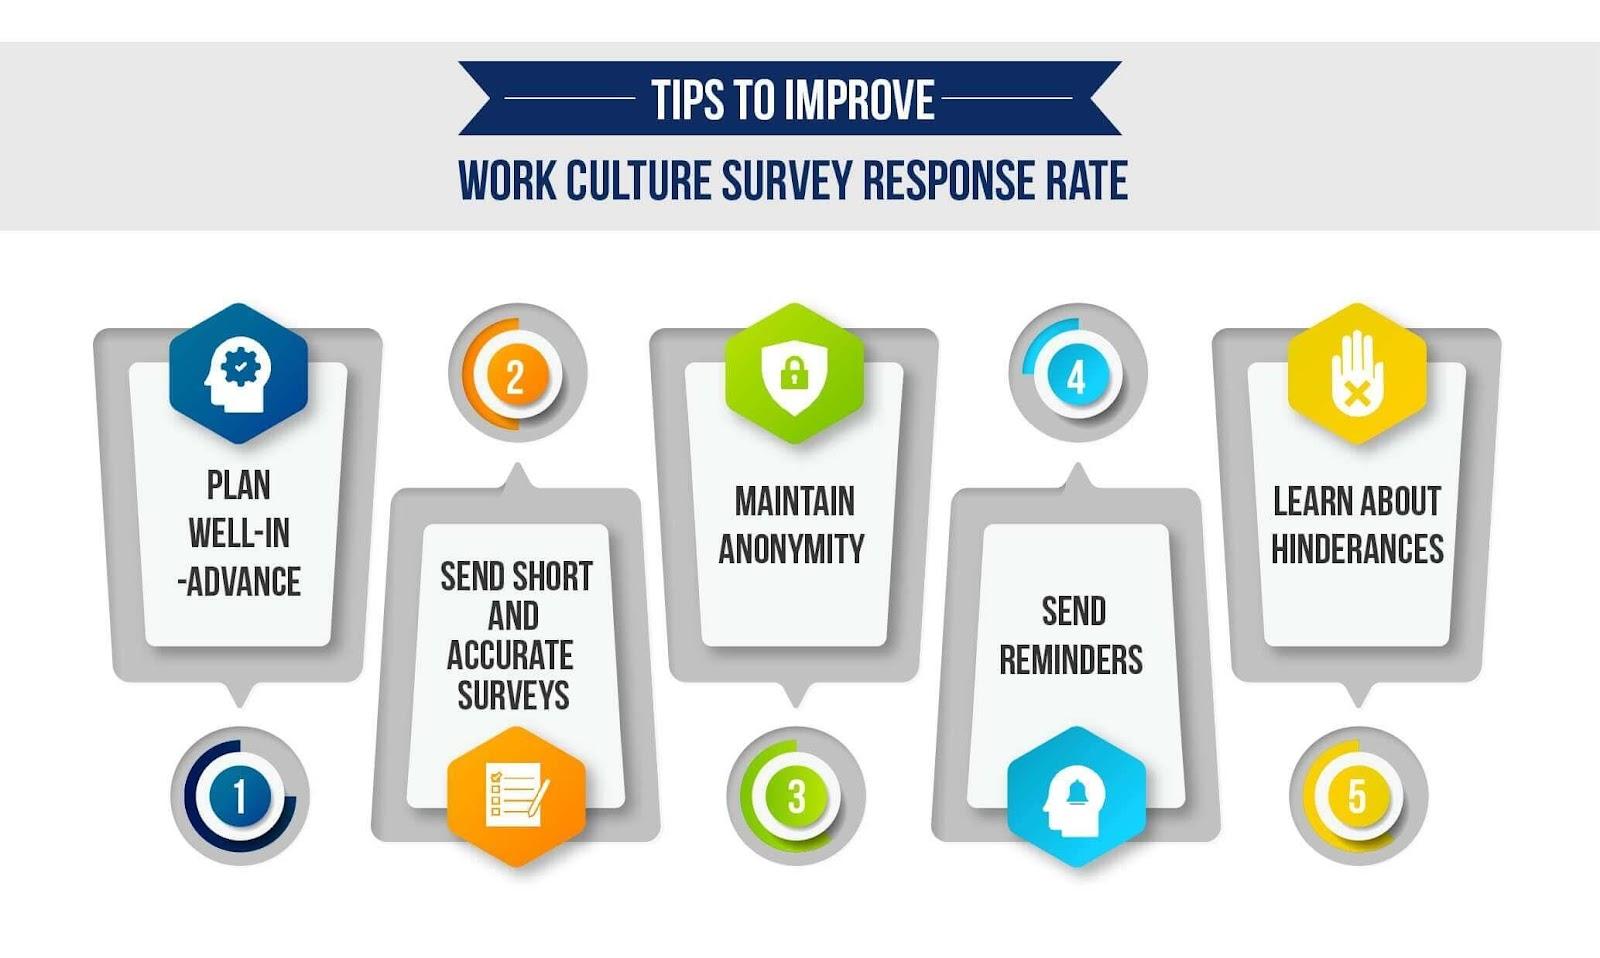 Work Culture Survey